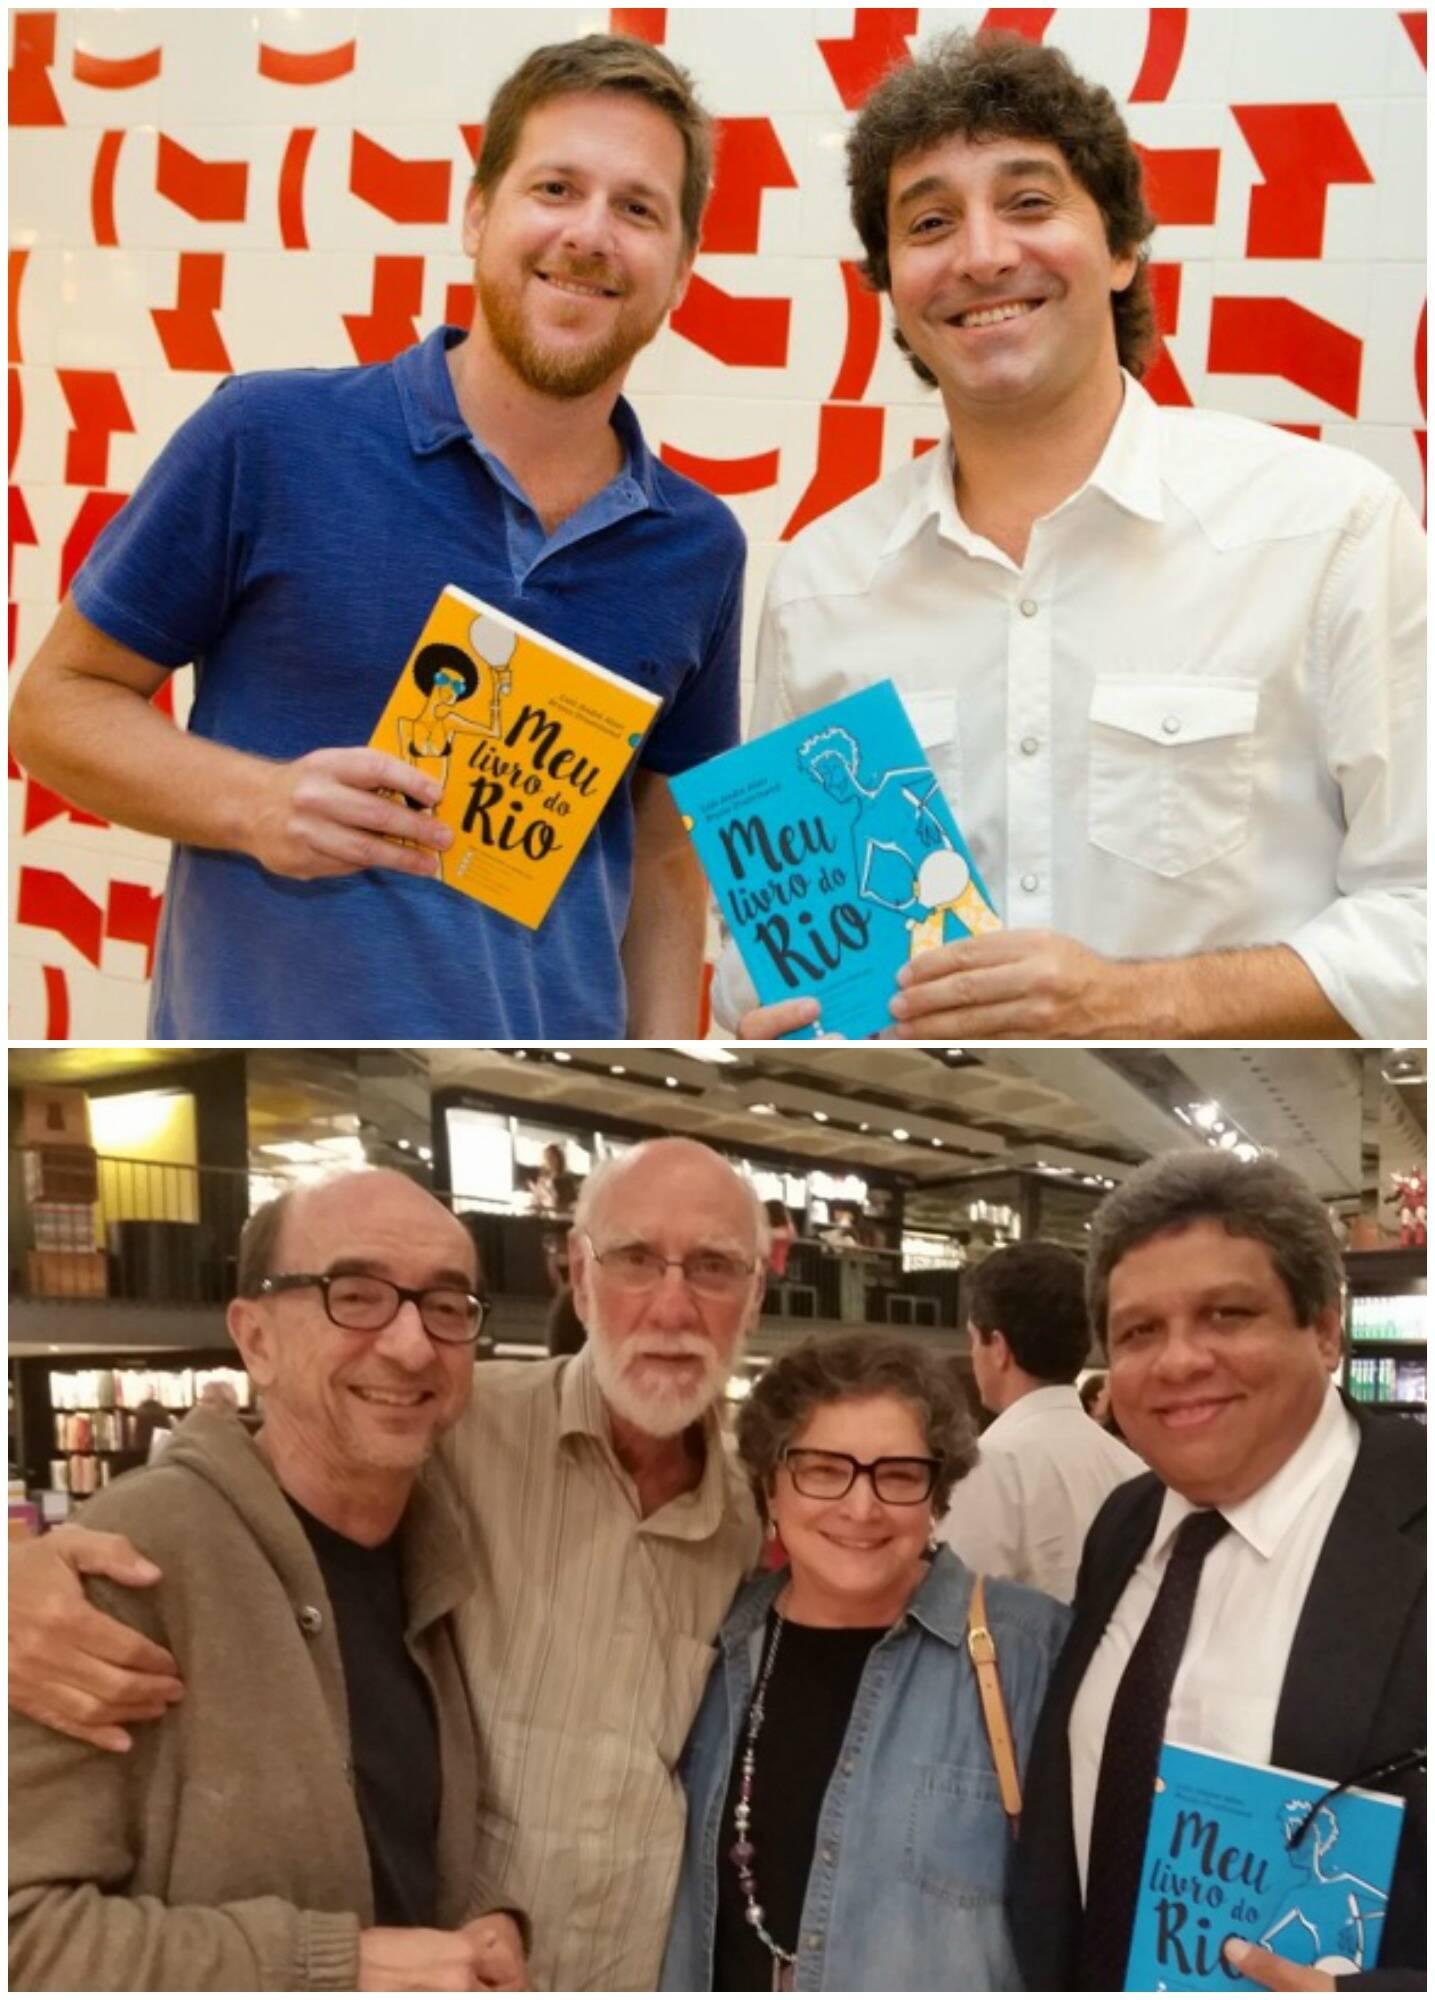 No alto, os autores Luiz André Alzer e Brunno Drummond; acima, Joaquim Ferreira dos Santos, Luiz Roberto Tenório, Cora Ronai e Jorge Antonio Barros / Foto: divulgação